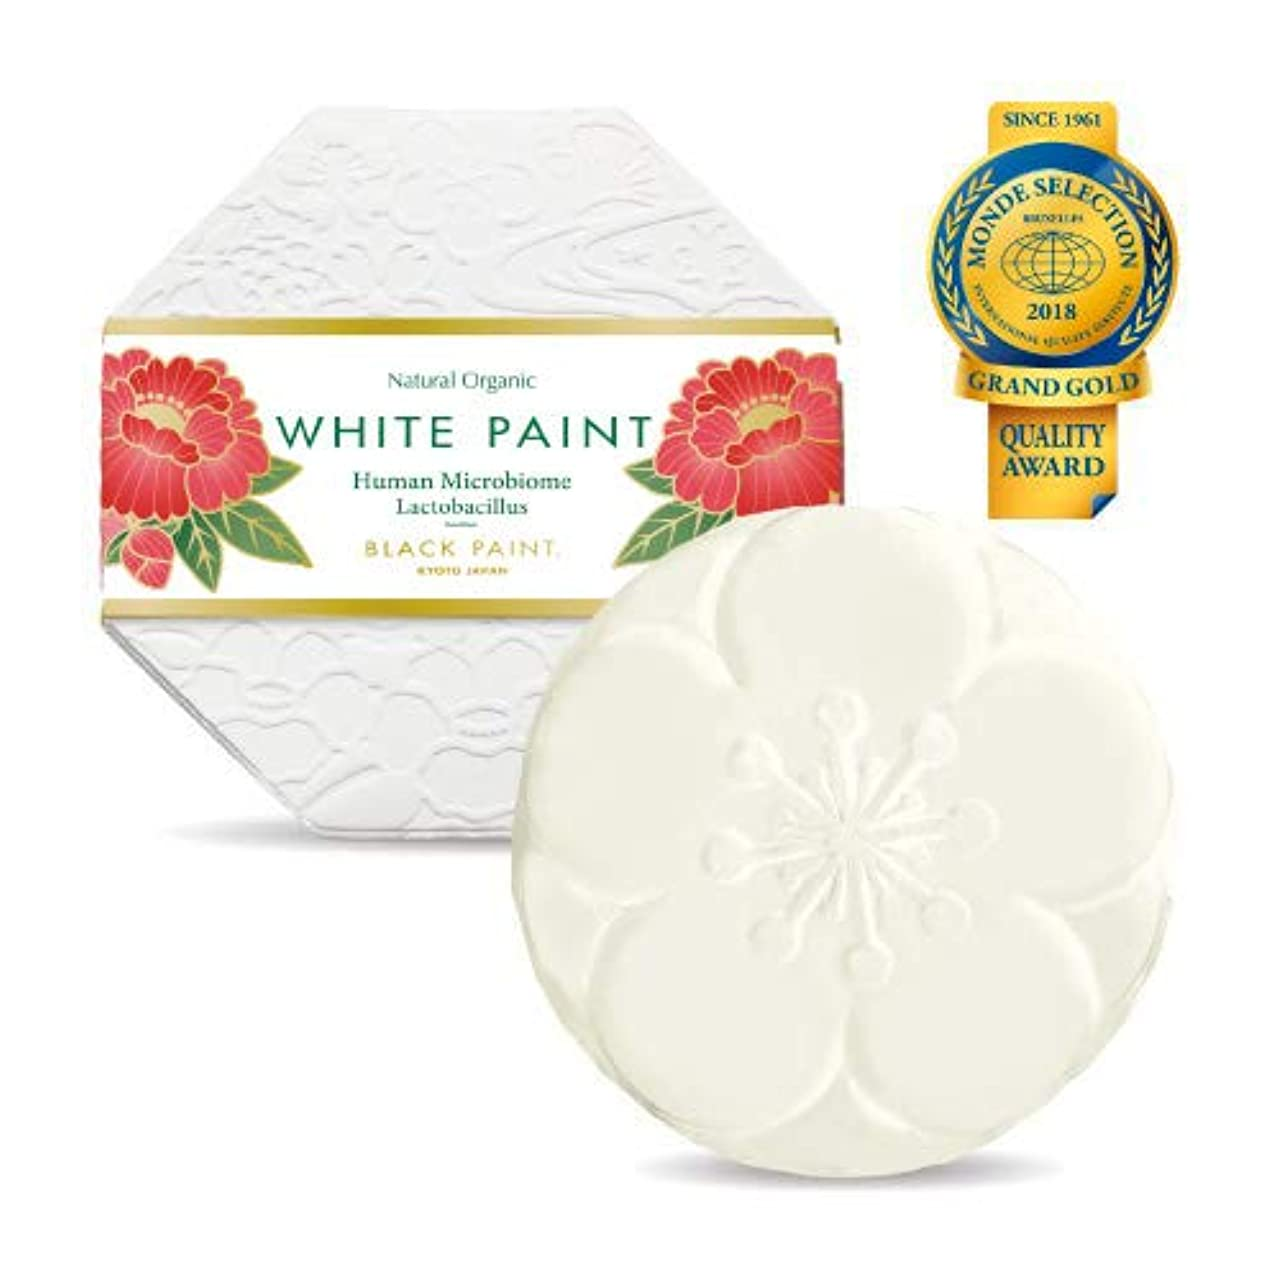 粘性のお誕生日オーディションプレミアム ホワイトペイント 120g 塗る洗顔 石鹸 無添加 国産 …